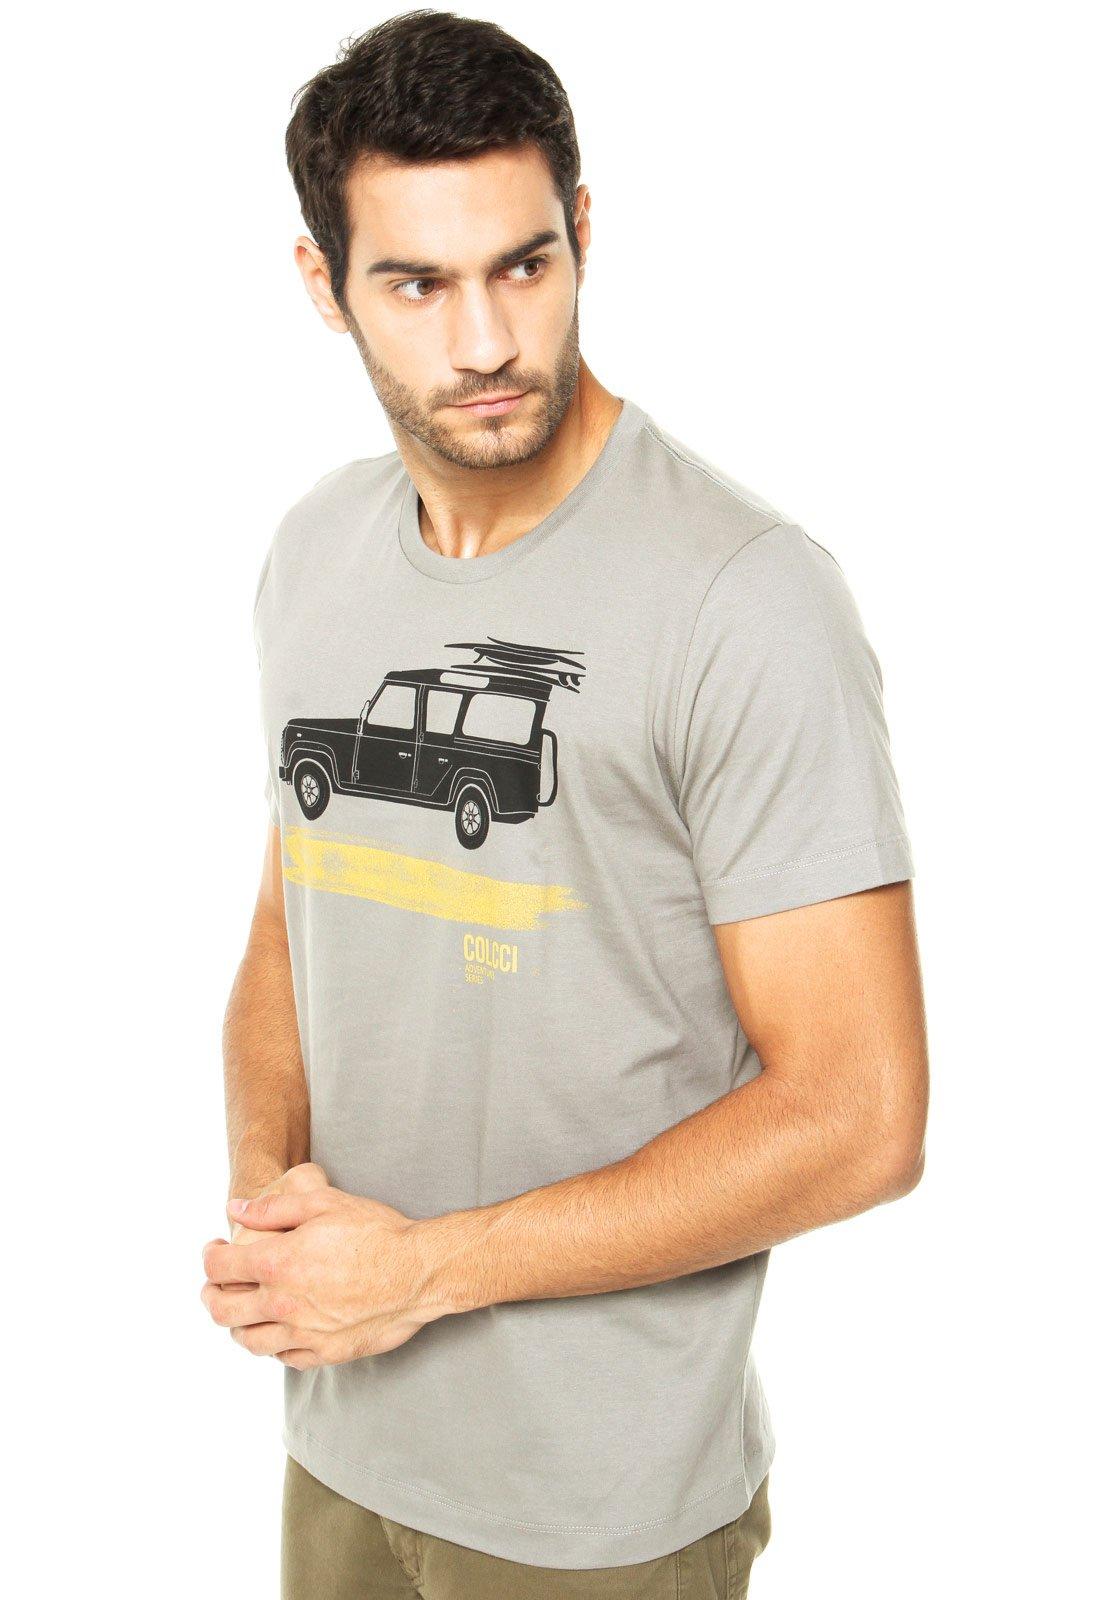 Colcci-Camiseta-Colcci-Trip-Cinza-9479-9